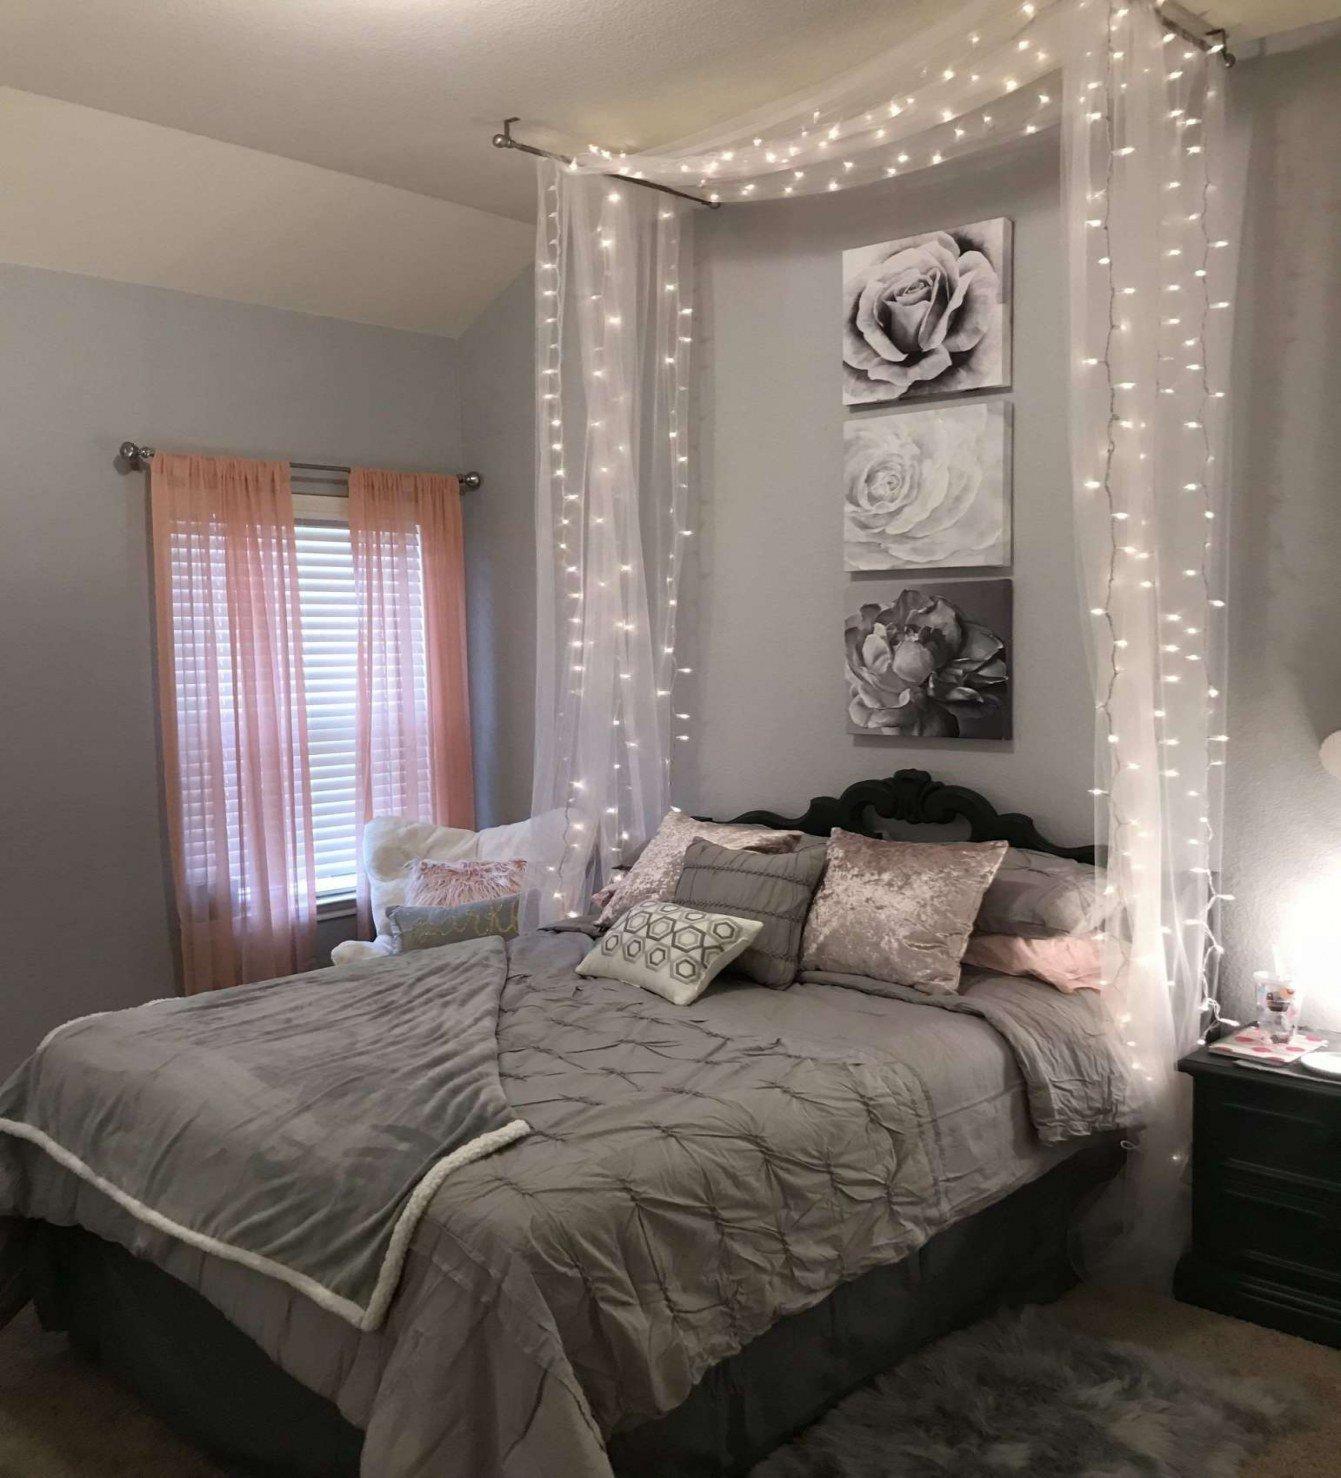 Girls toddler Bedroom Set Elegant Bedrooms for Girls Girls Bedroom Wall Decor New Girl Wall